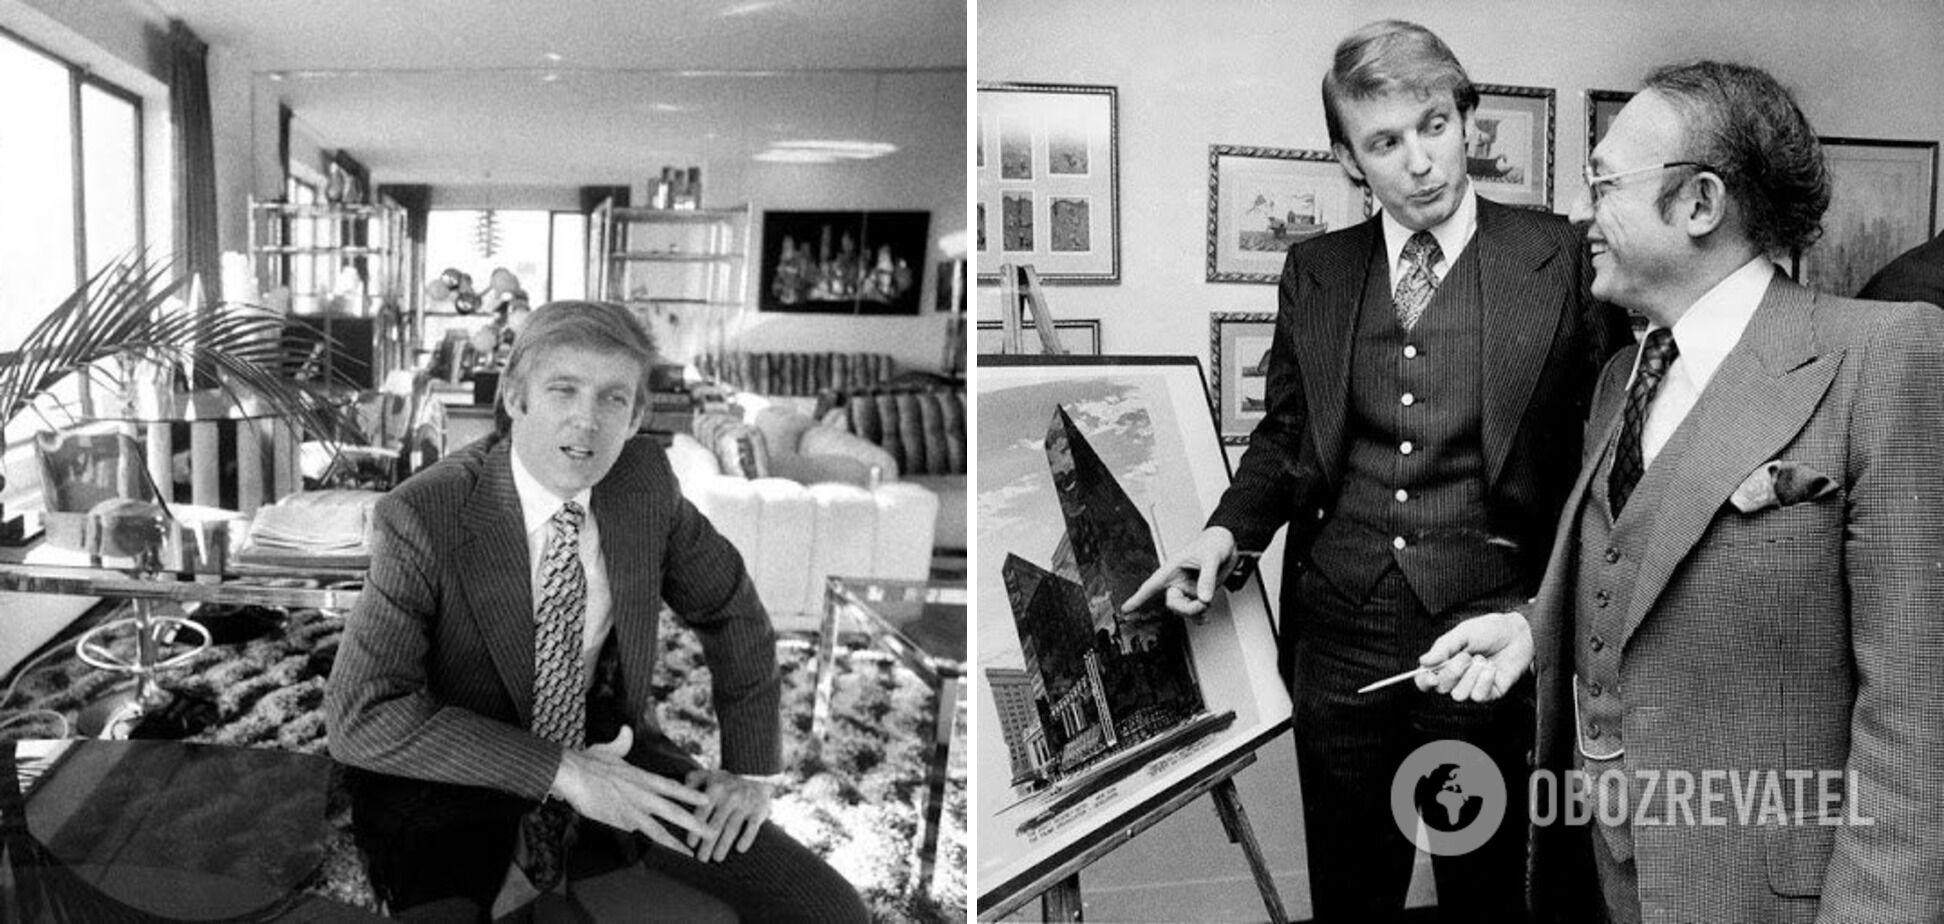 Трамп до політичної кар'єри був відомим багатієм в Америці